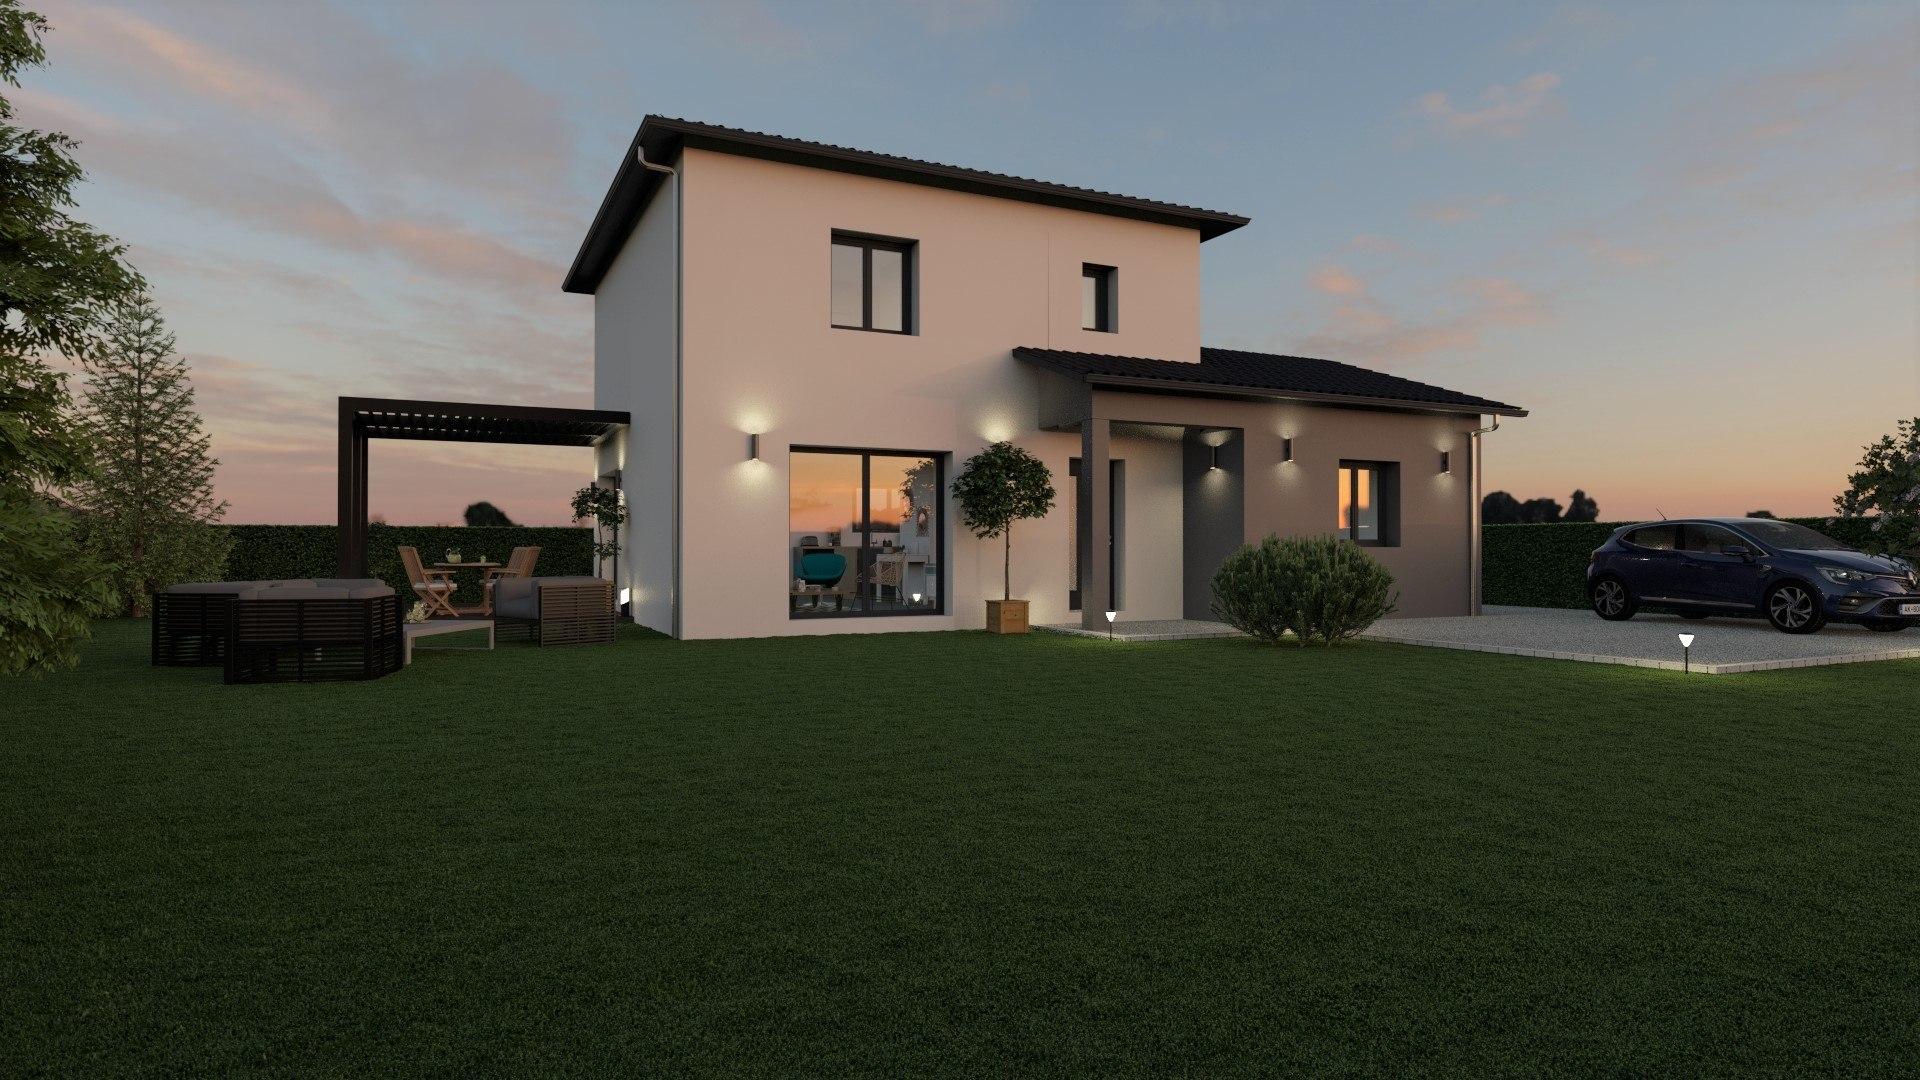 Maisons + Terrains du constructeur DEMEURES CALADOISES BRON • 116 m² • CHAZEY SUR AIN